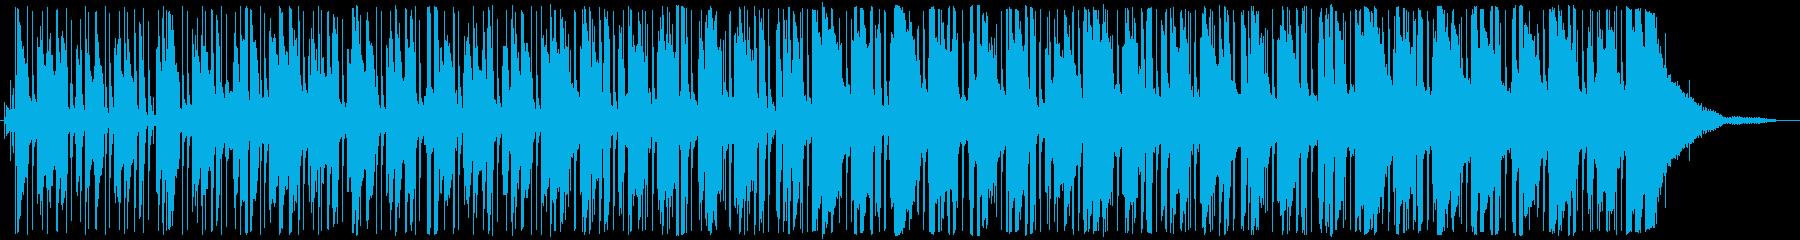 ファンク 緊張感 暗い ホラー ピ...の再生済みの波形